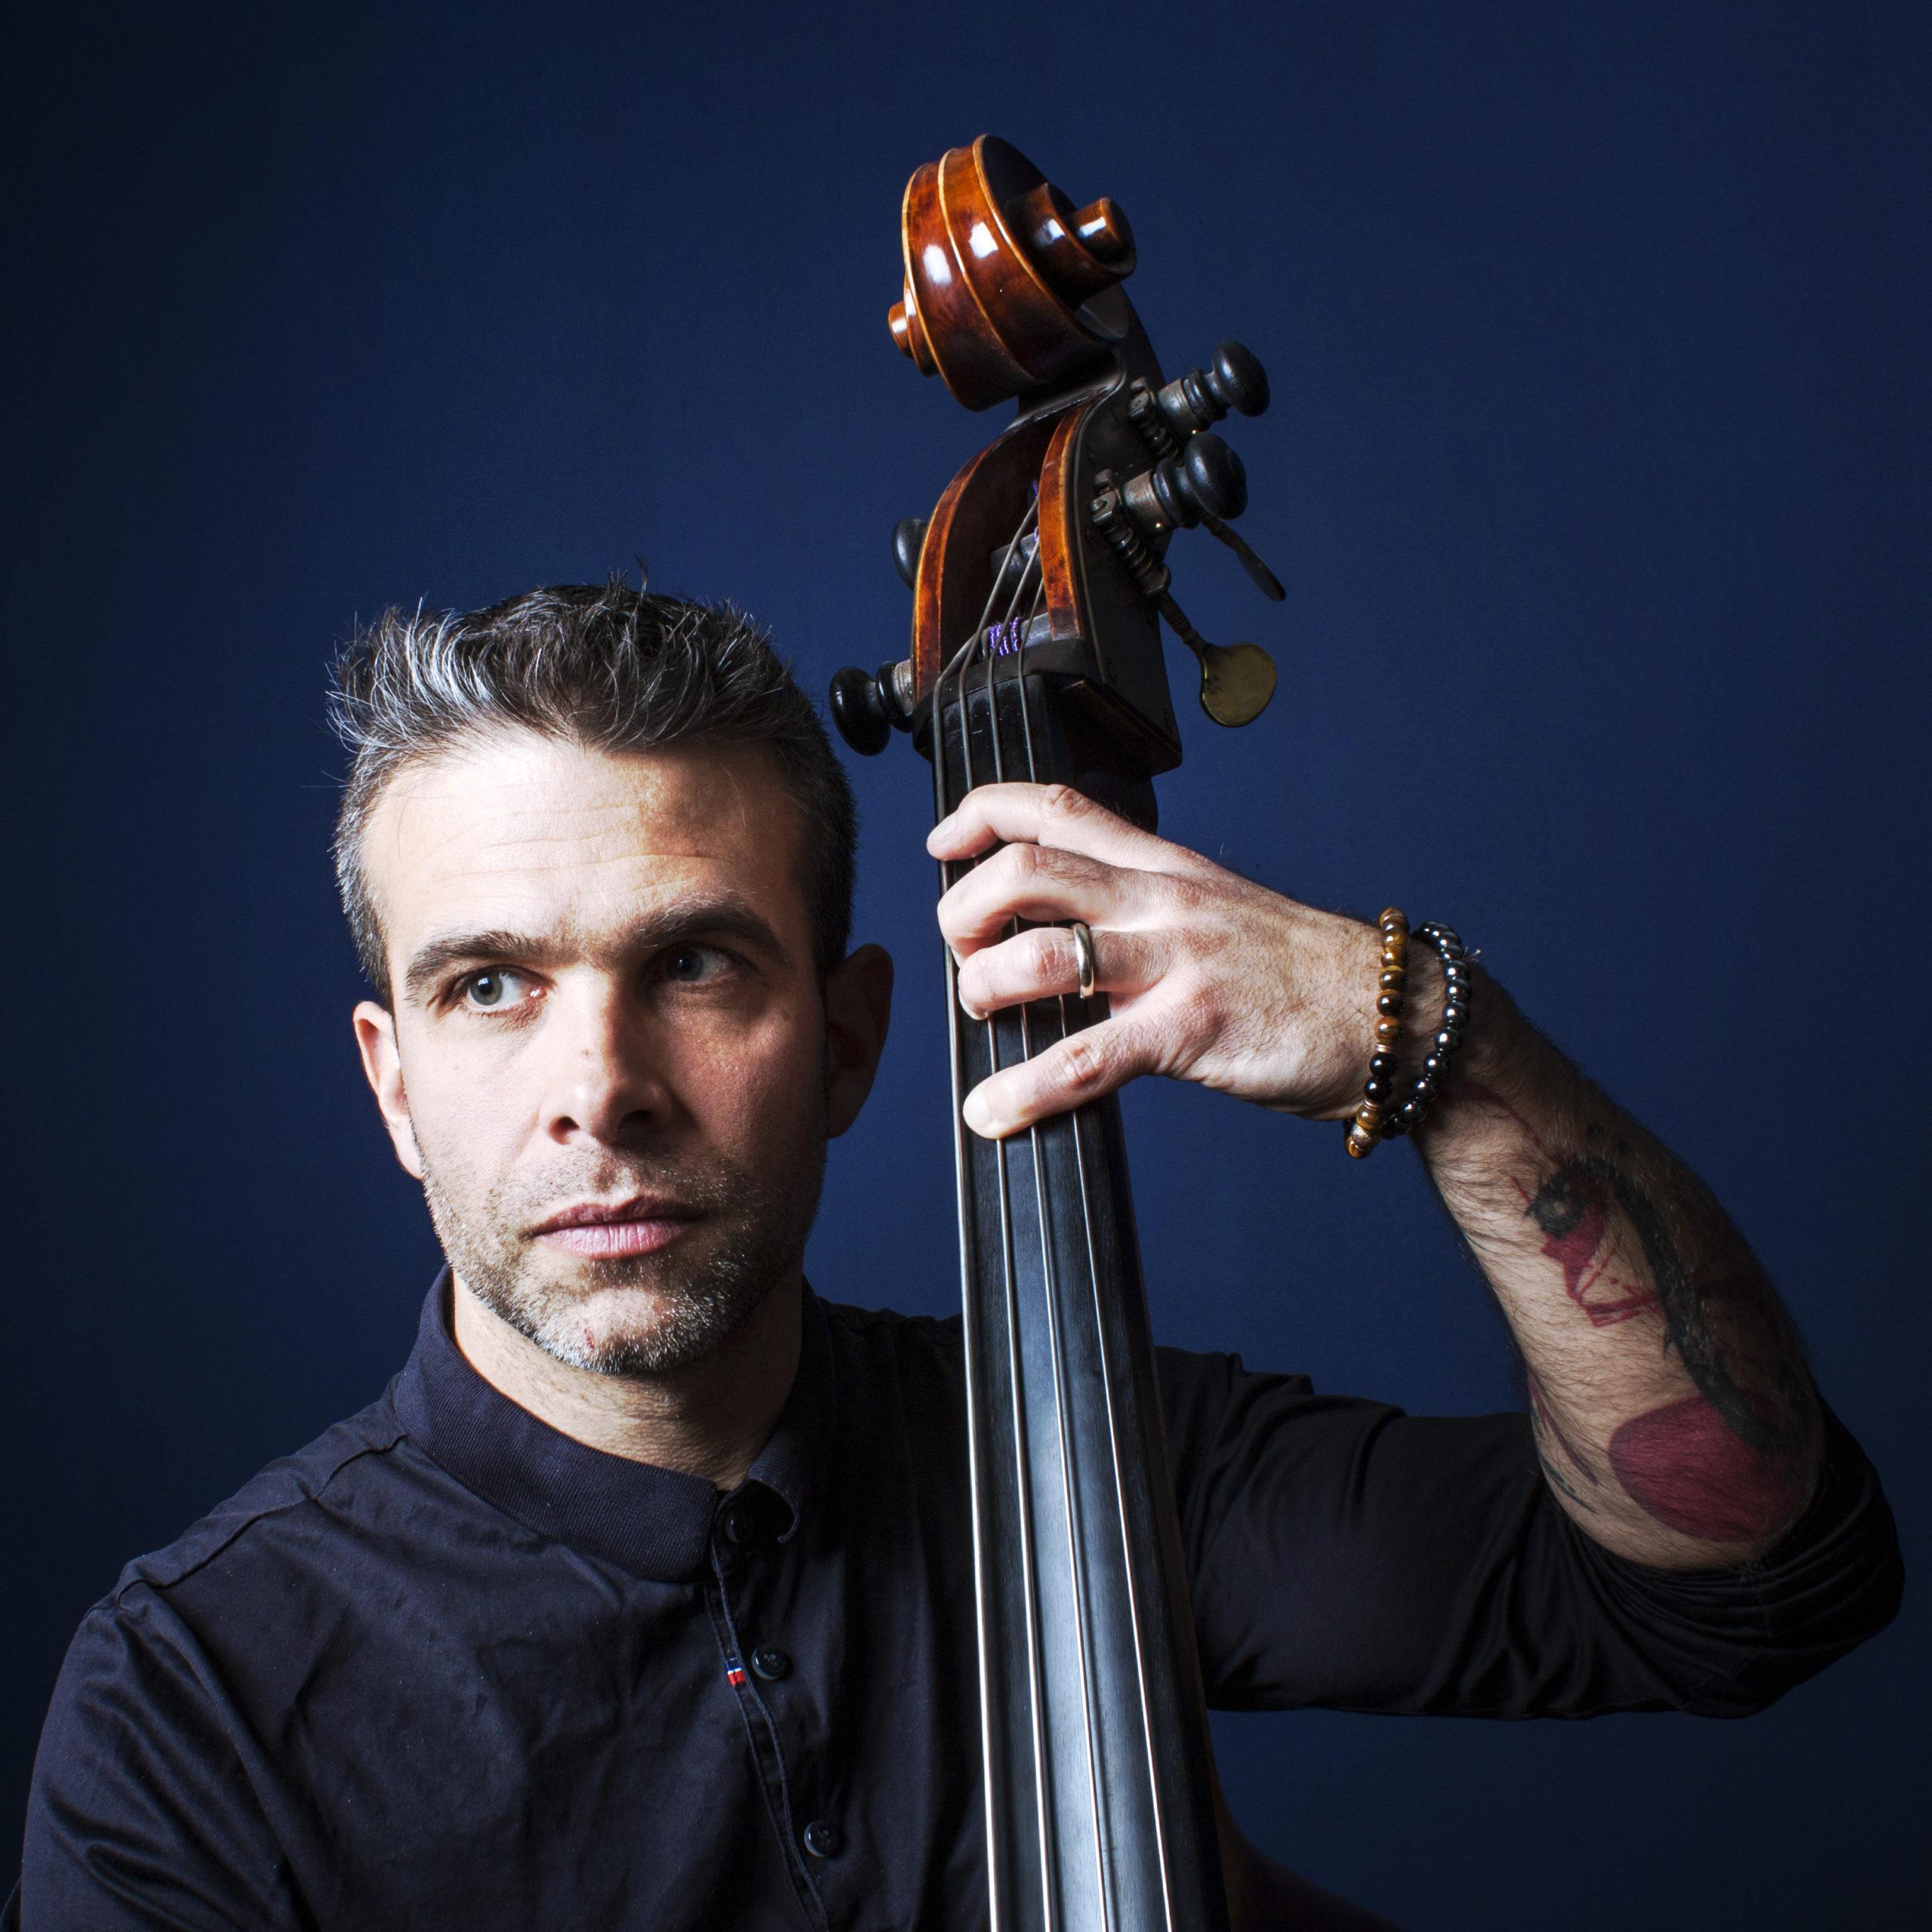 Vladimir Torres, contrebassiste photographié parJC Polien